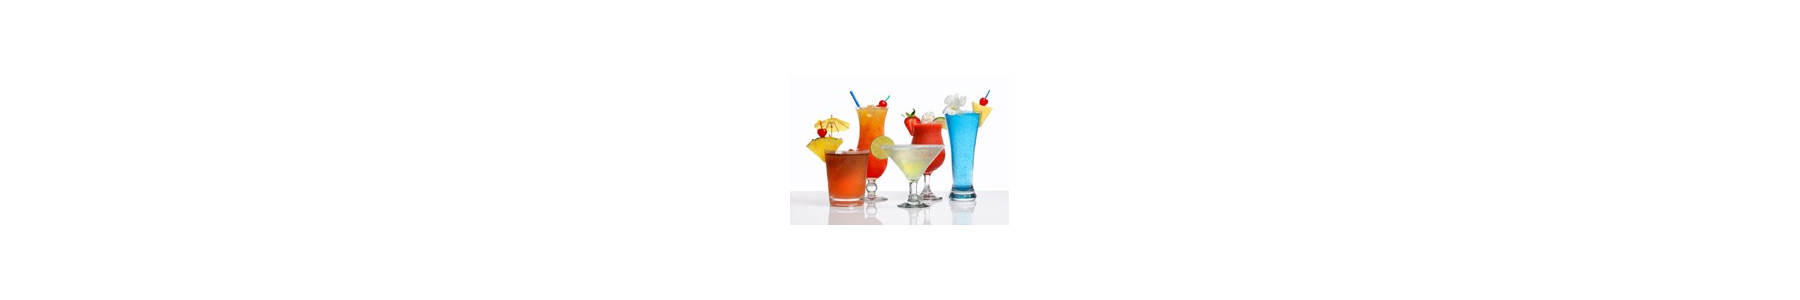 Decoratiuni cocktail